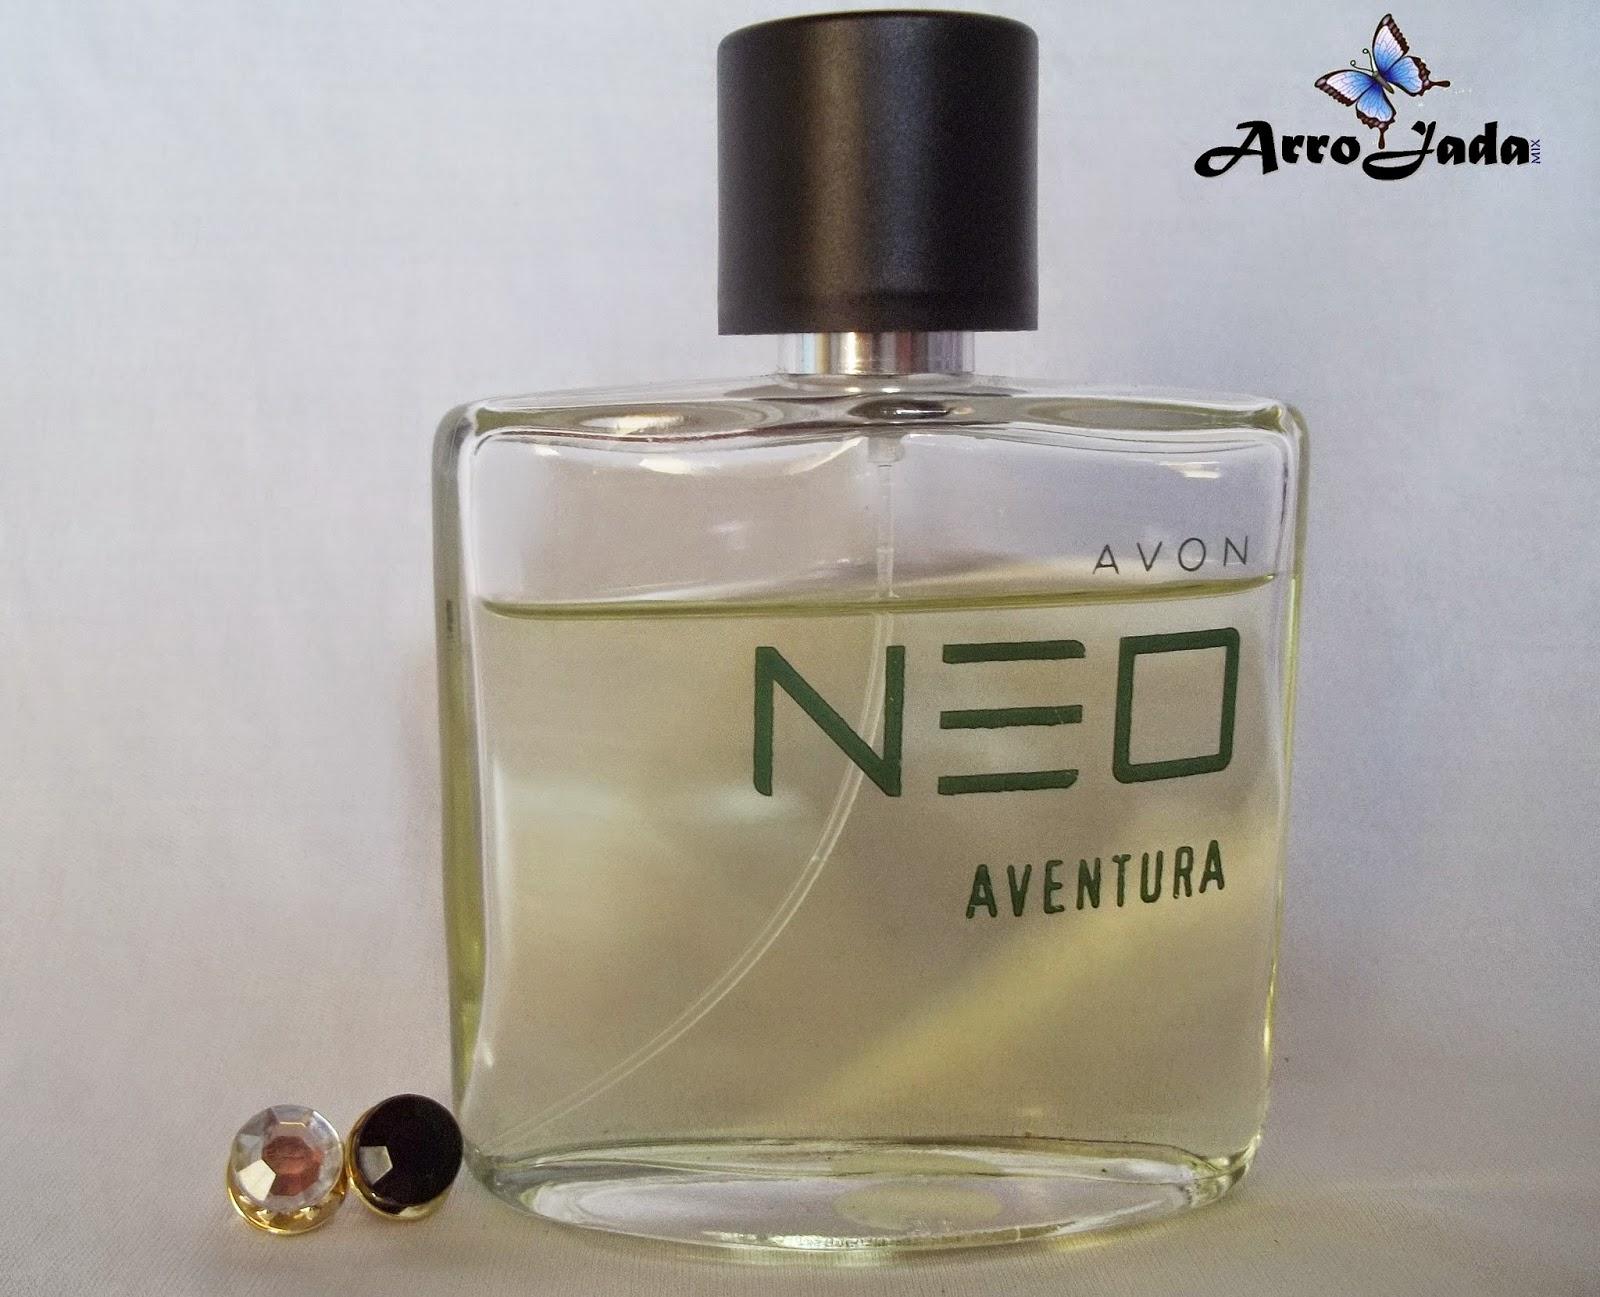 Perfume Neo aventura Avon